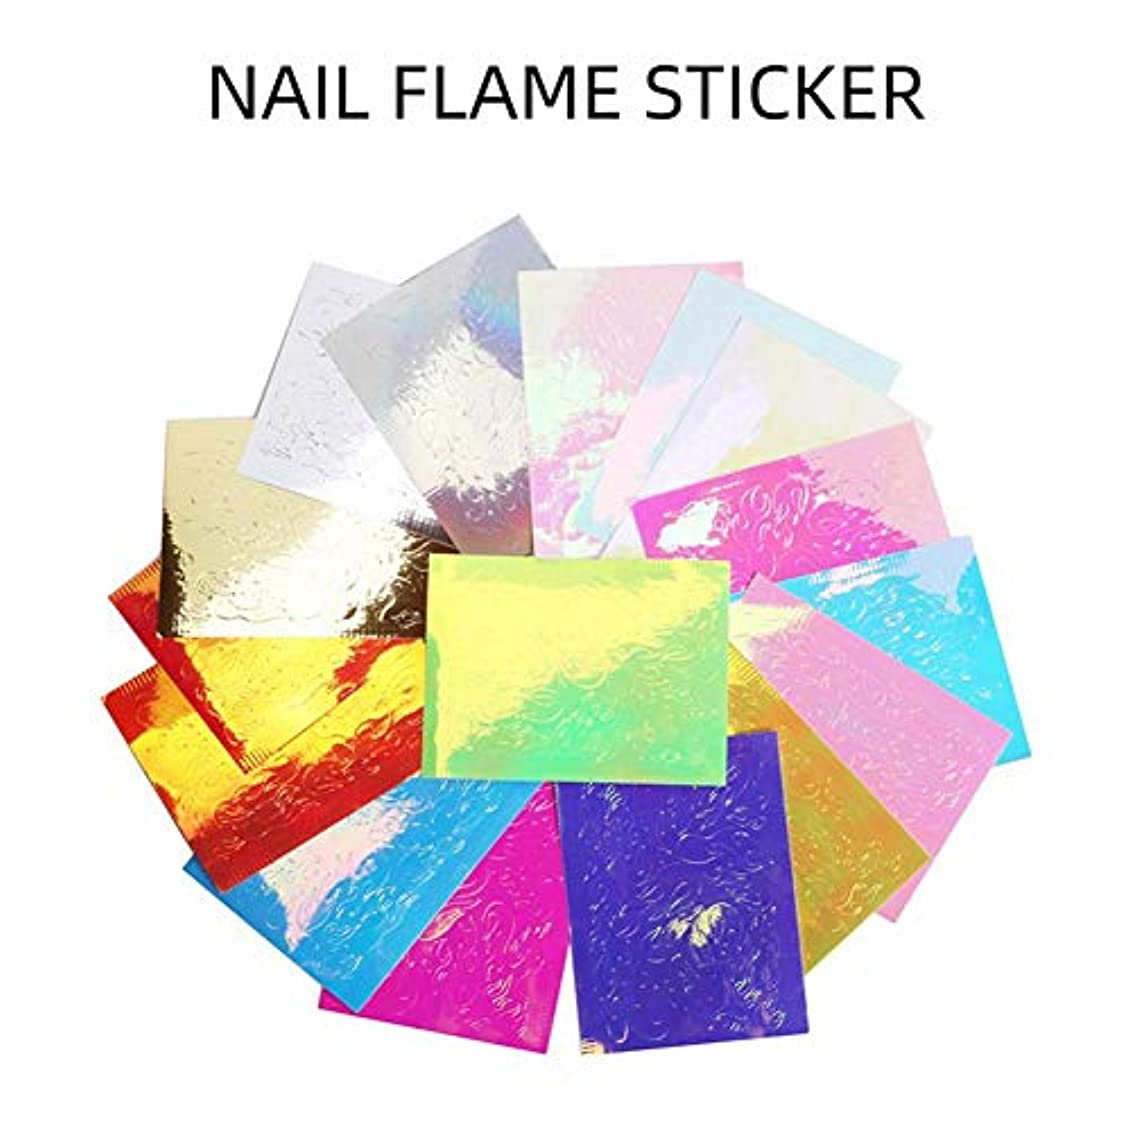 言い聞かせる旅行代理店郵便SILUN ネイルステッカー ネイルアート 炎 3D ネイルシール 使いやすい ネイルホイル グリッター DIY ネイル用装飾 人気 おしゃれ 16枚セット